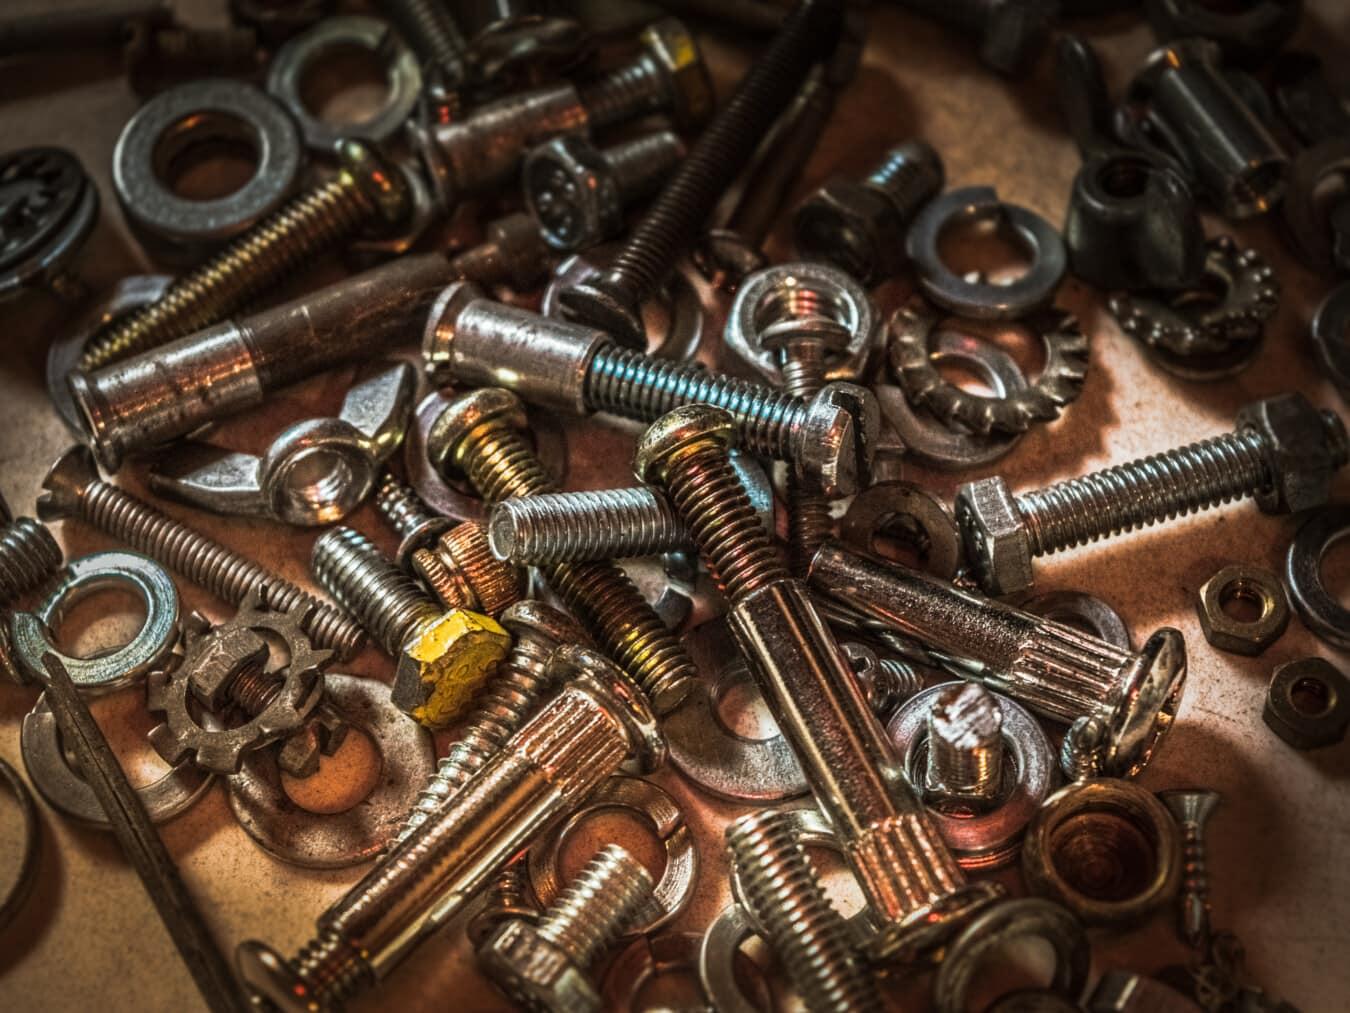 screw, bunch, hardware, repair shop, workshop, metal, parts, metalware, nuts, steel